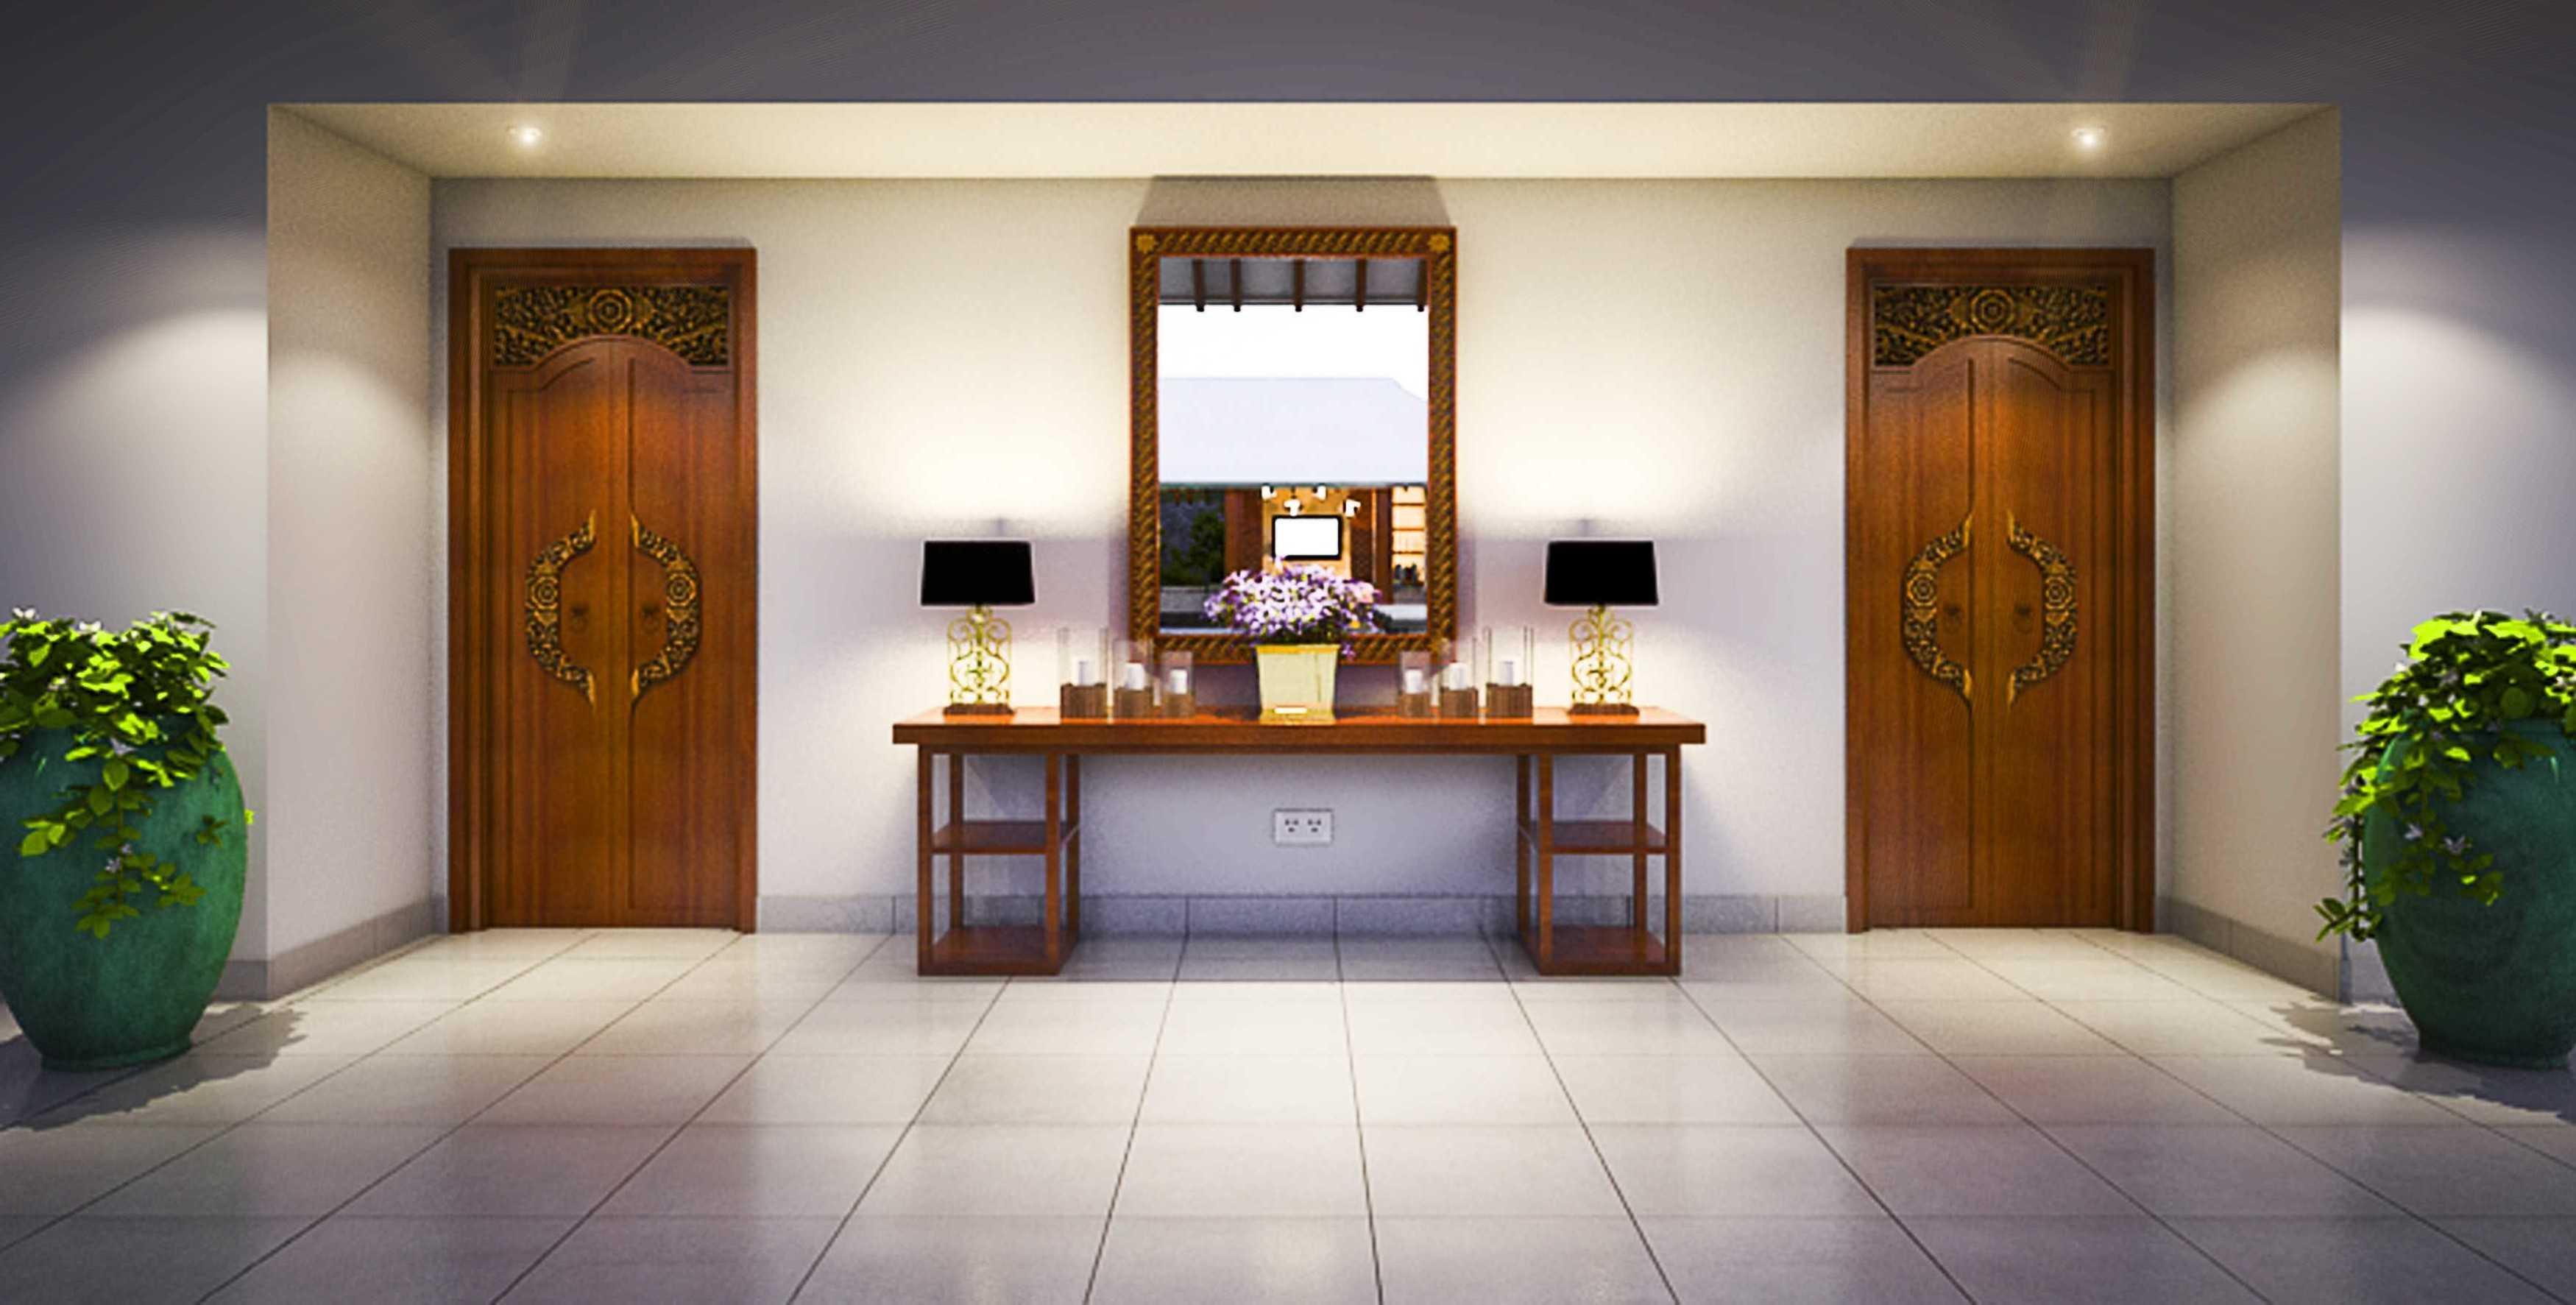 Bagus Sakabhaskara Wedding Villa Bali Bali Foyer Tropis  21244